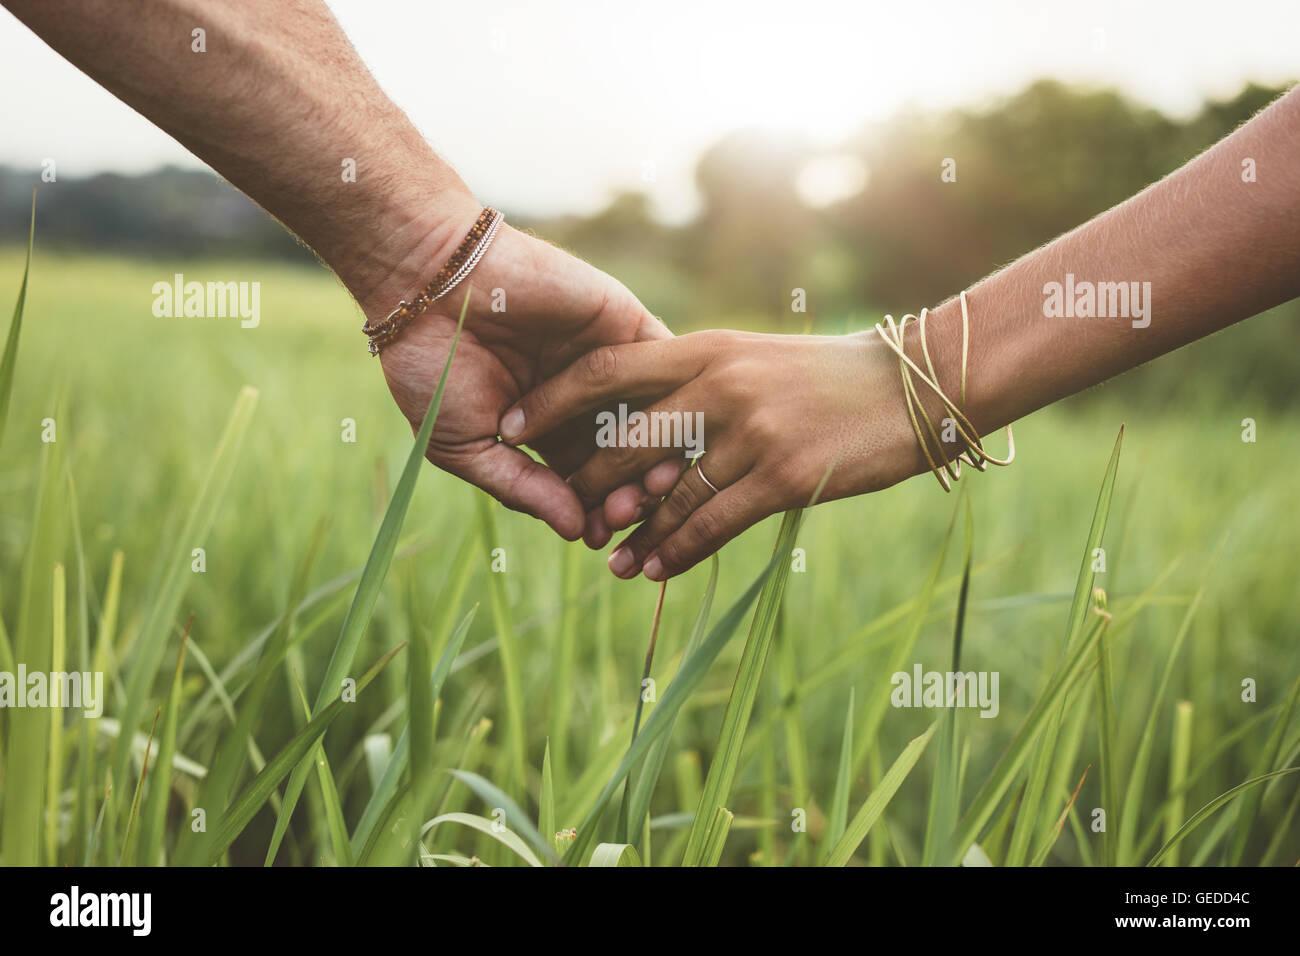 Schuss von romantisch zu zweit Hand in Hand in ein Feld. Schuss von Mann und Frau mit der Hand in der hand zu Fuß Stockfoto